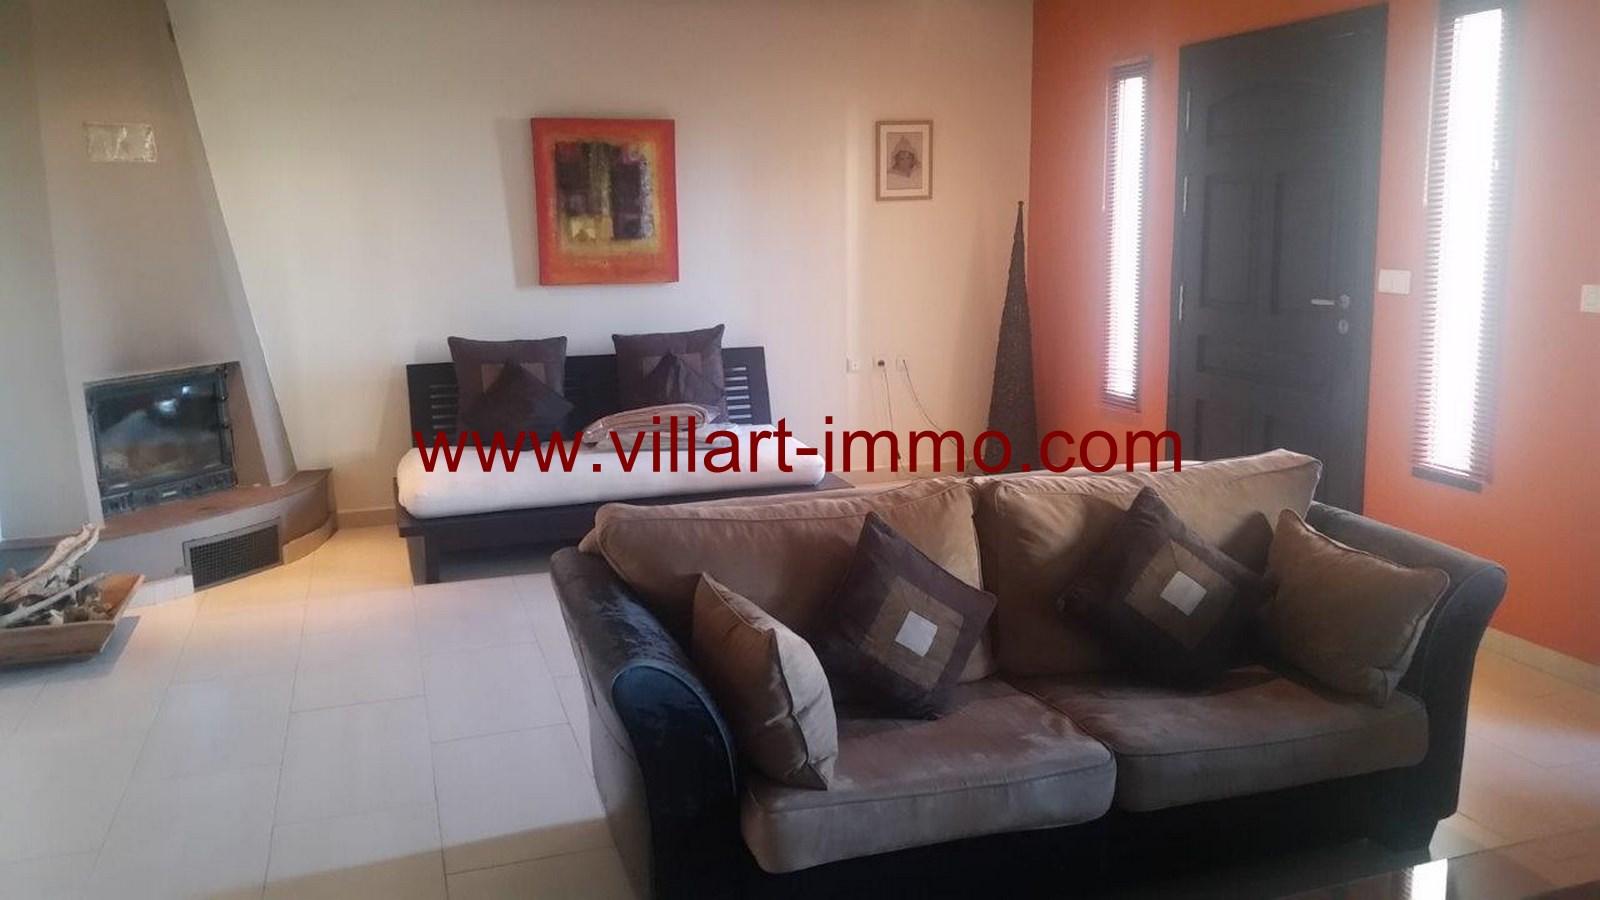 1-Alquiler-villa-Amueblado-Tánger-salón-LSTV986-Villart-immo